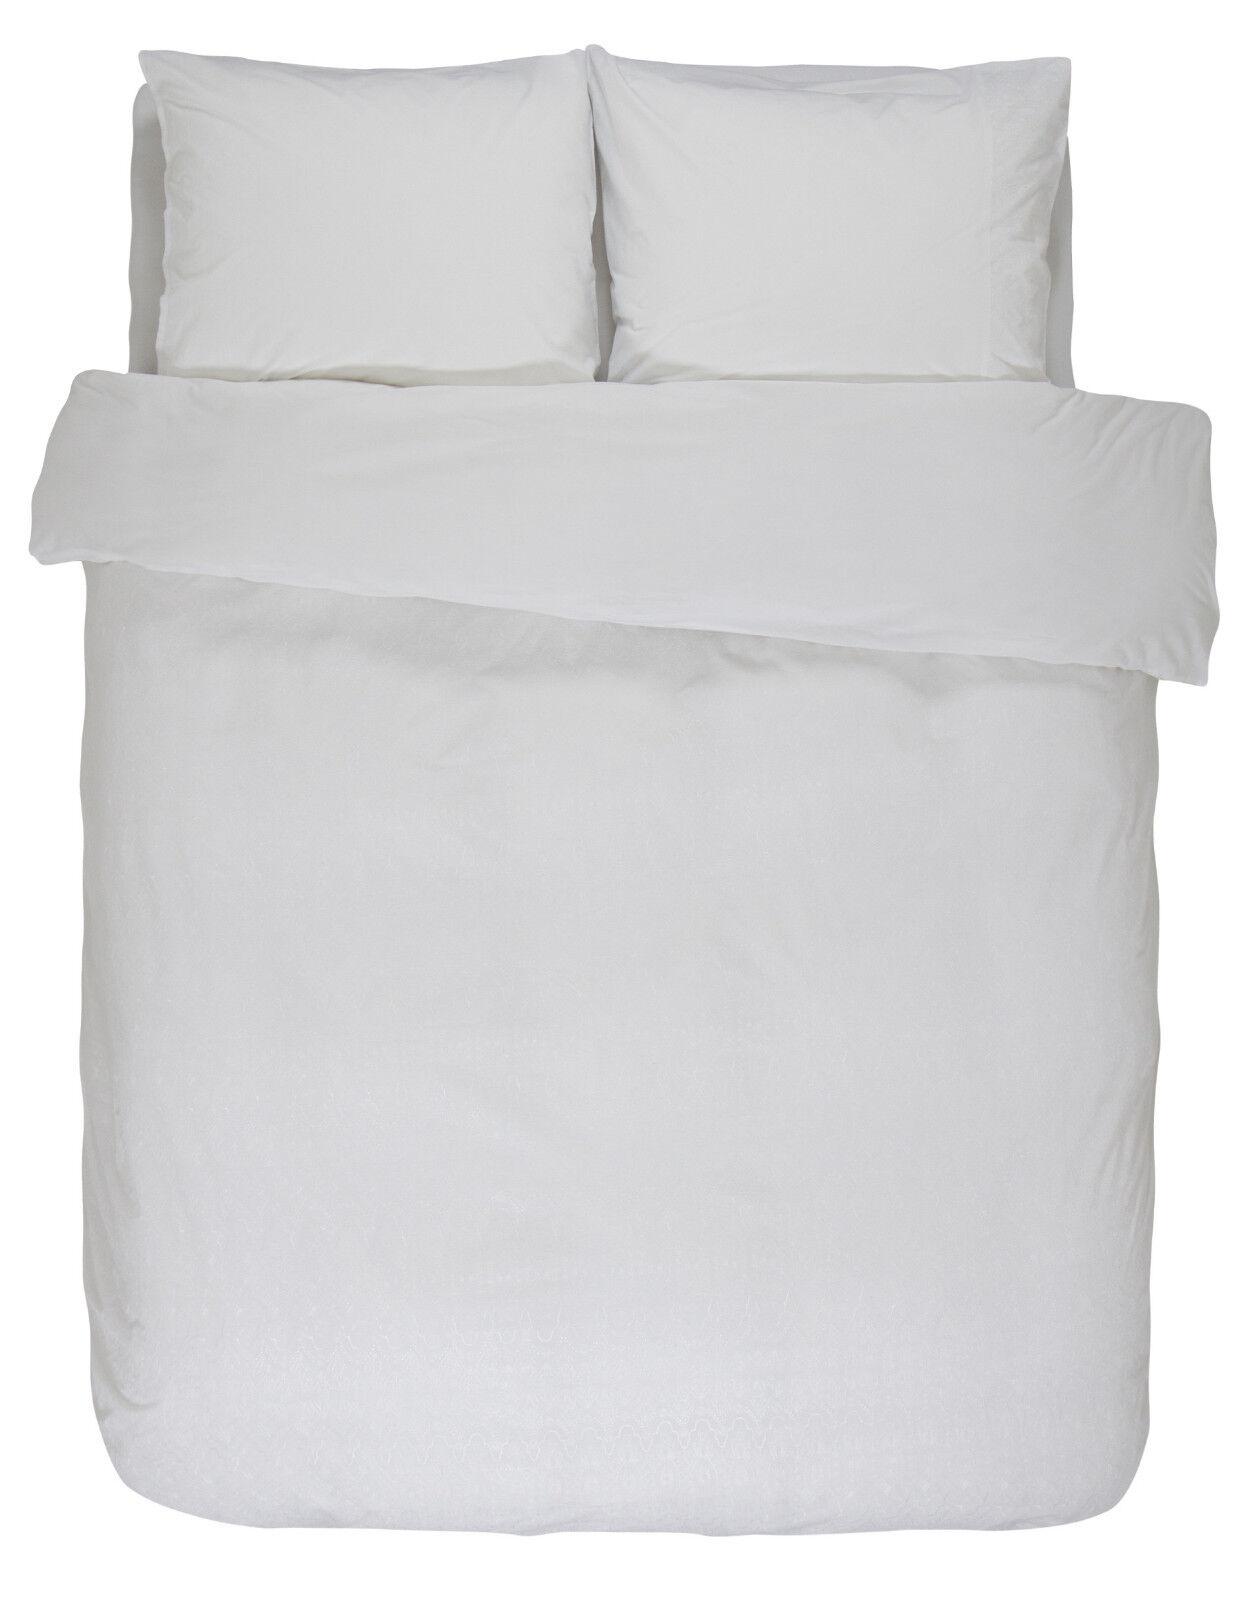 Essenza Bettwäsche Rhodes Weiß 135 155 200 Premium Baumwolle Weiß mit Plisse | Modern